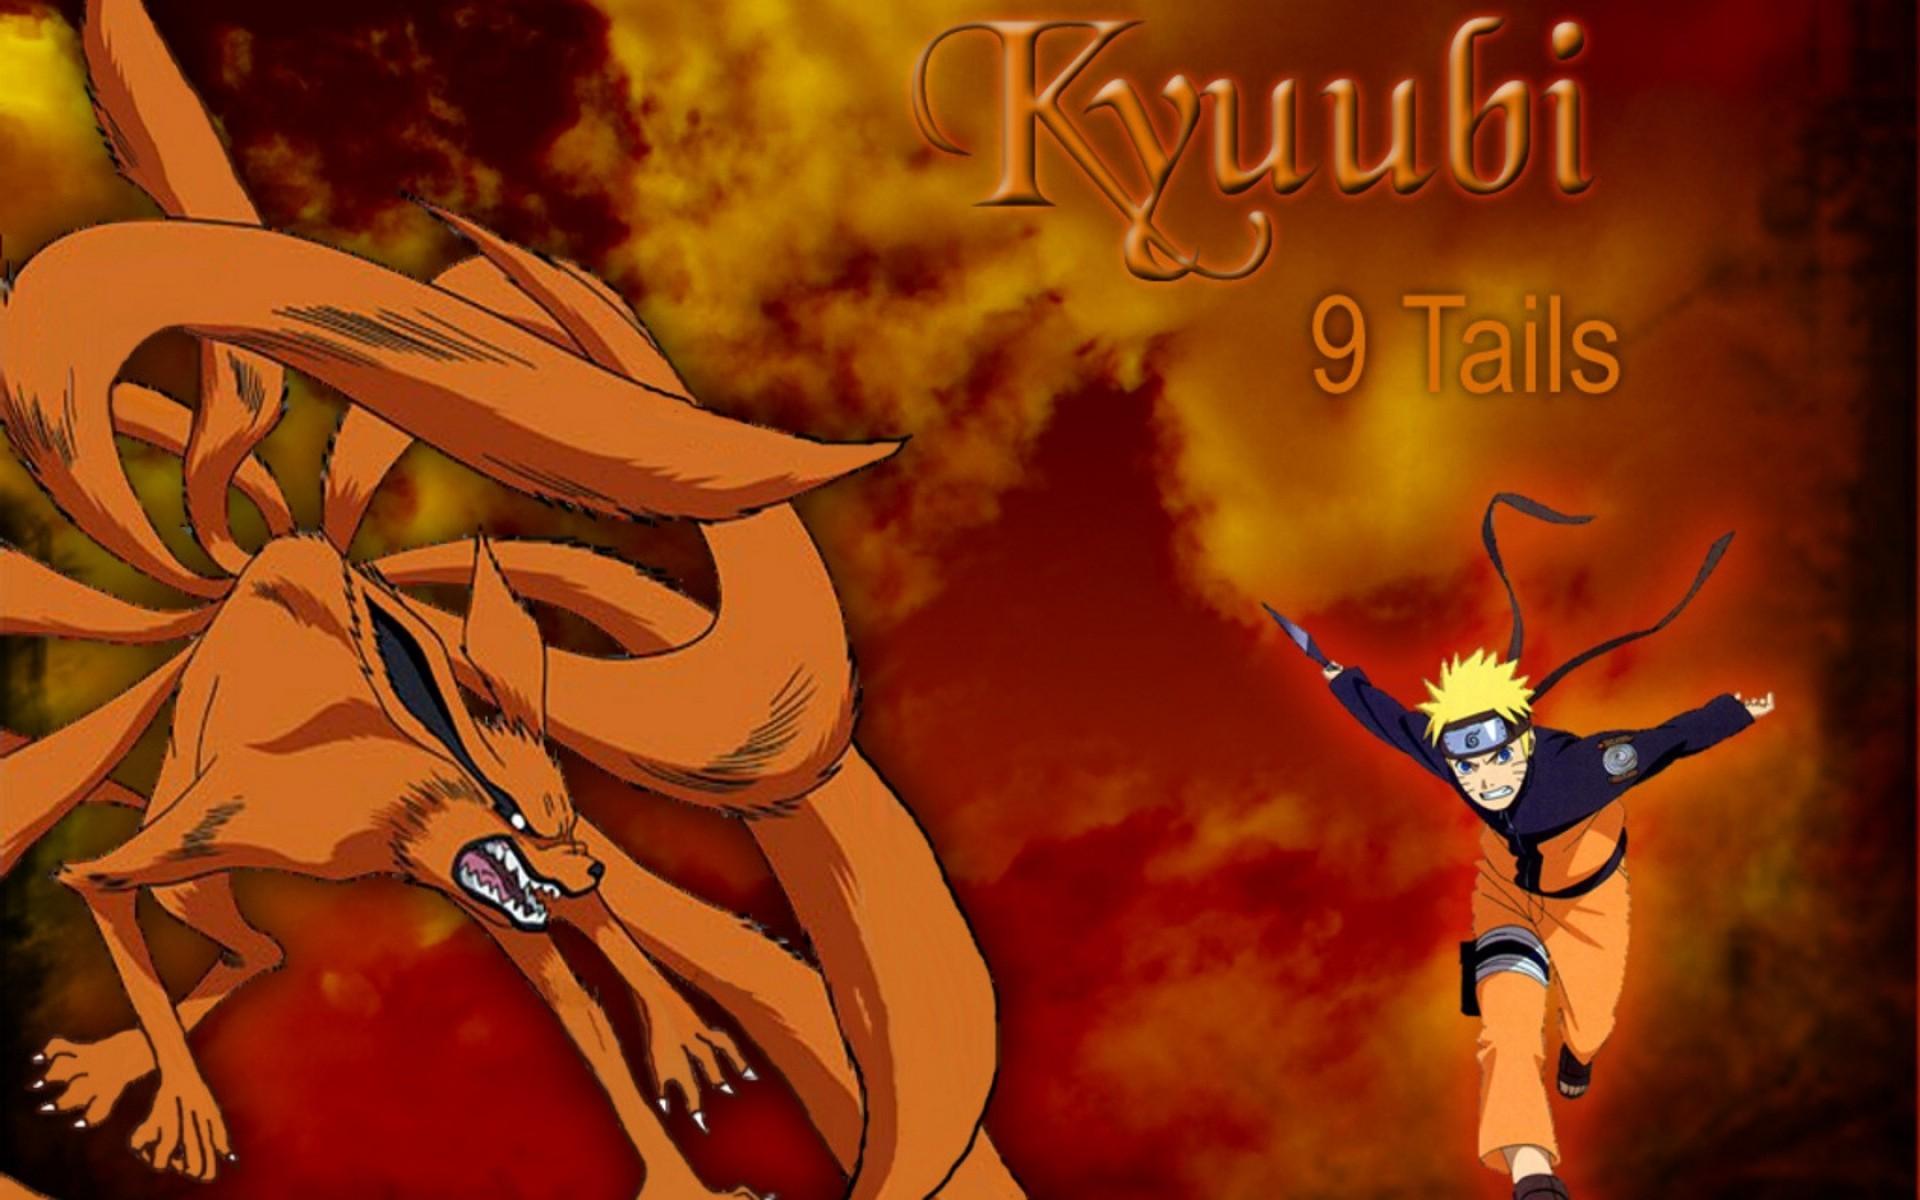 KURAMA KYUUBI BIJUU Naruto Imagens e Wallpapers 1920×1200